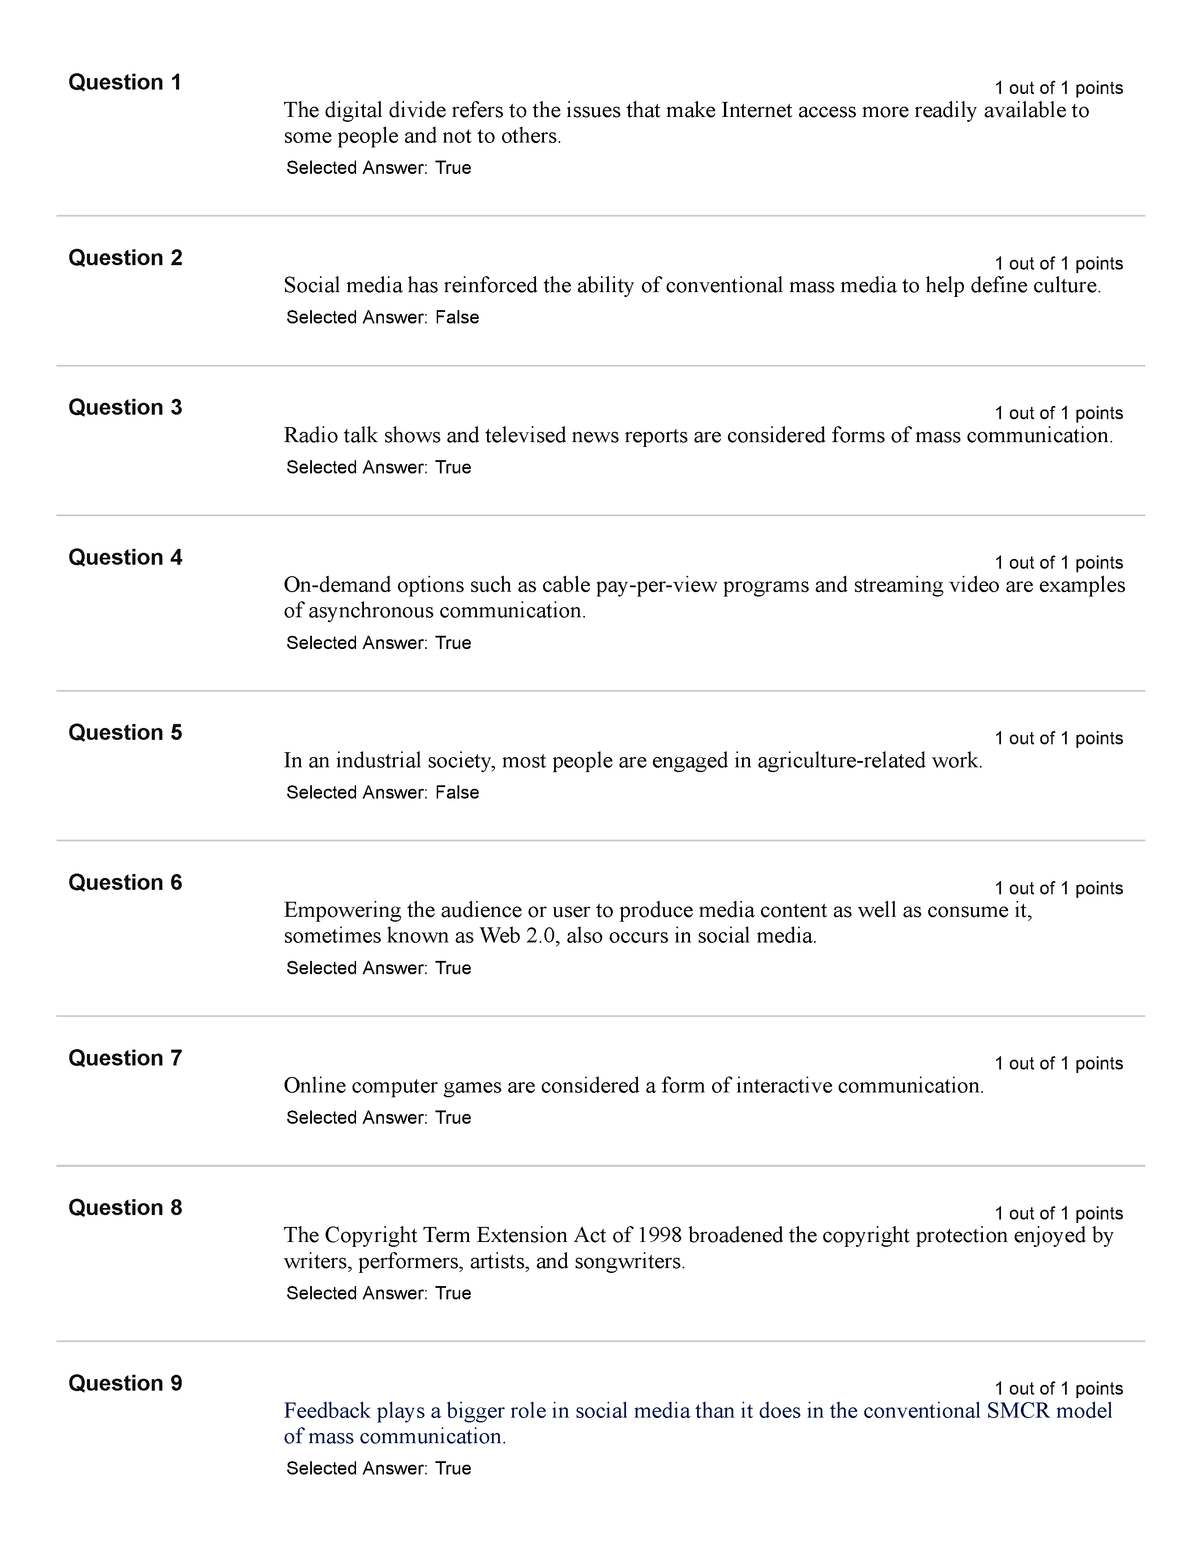 Exam 2015 - SCOM 110: Media and Culture - StuDocu